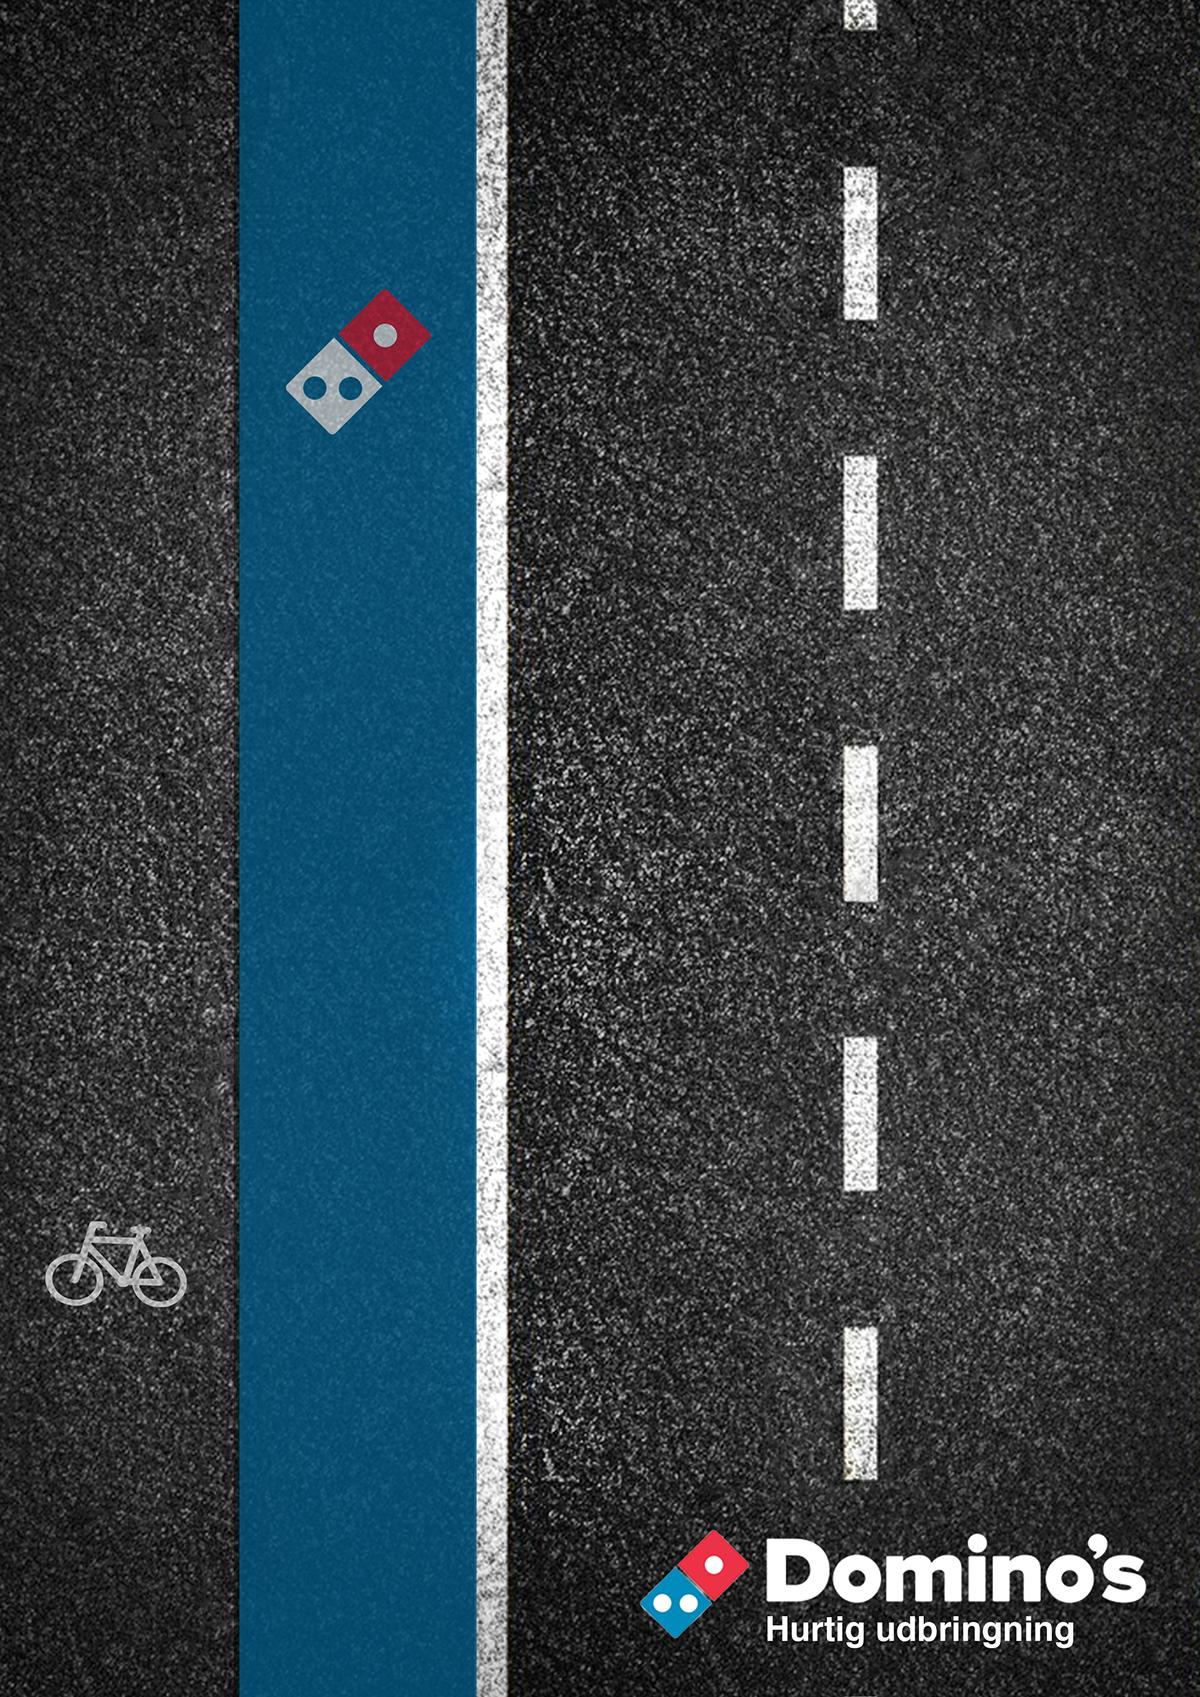 Domino's Pizza fast delivery